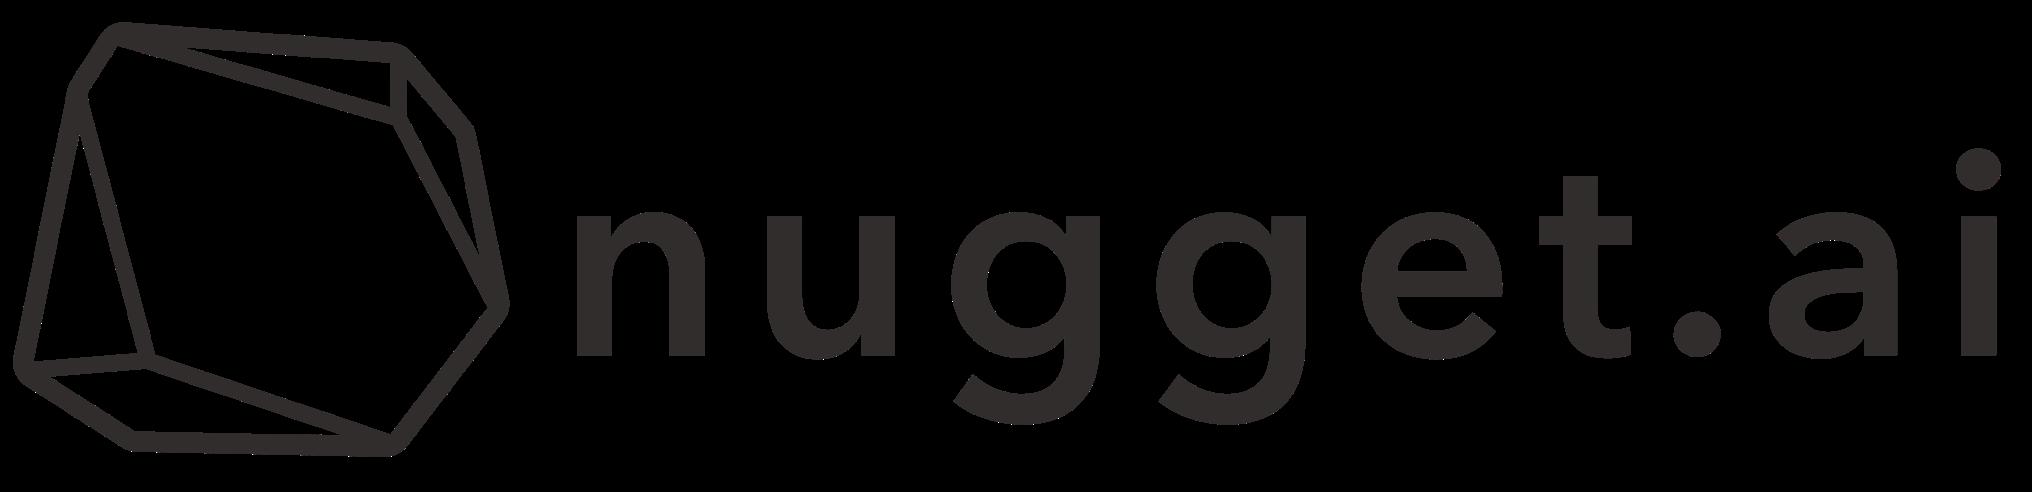 nugget.ai logo